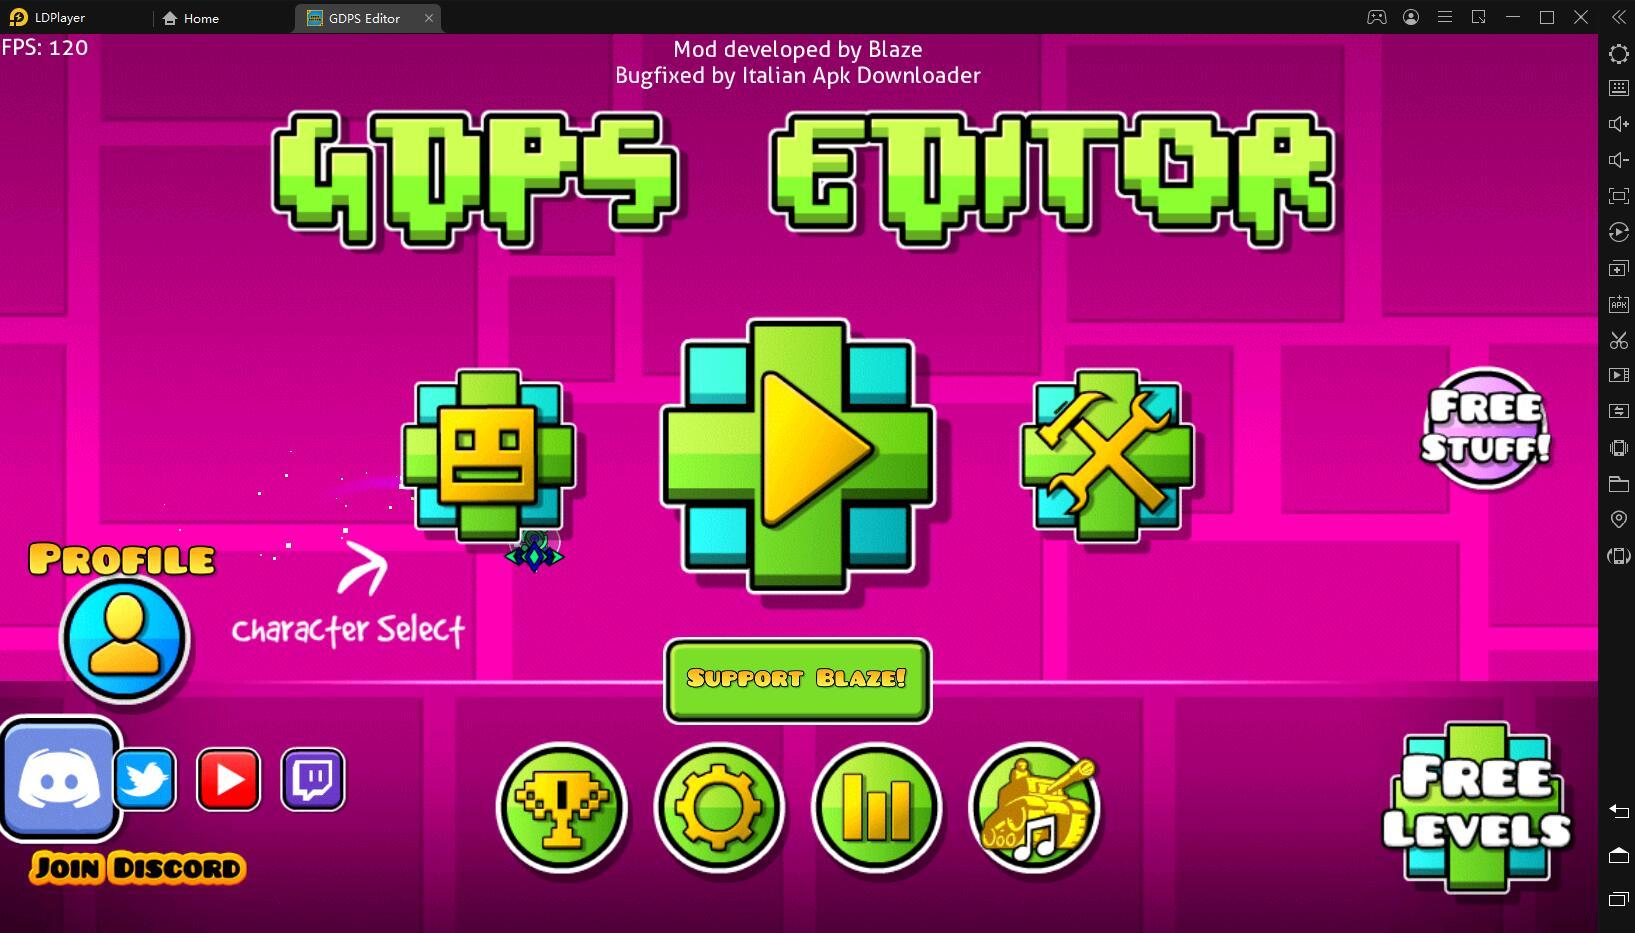 Играть в «Geometry Dash Editor/GDPS Editor» бесплатно на пк